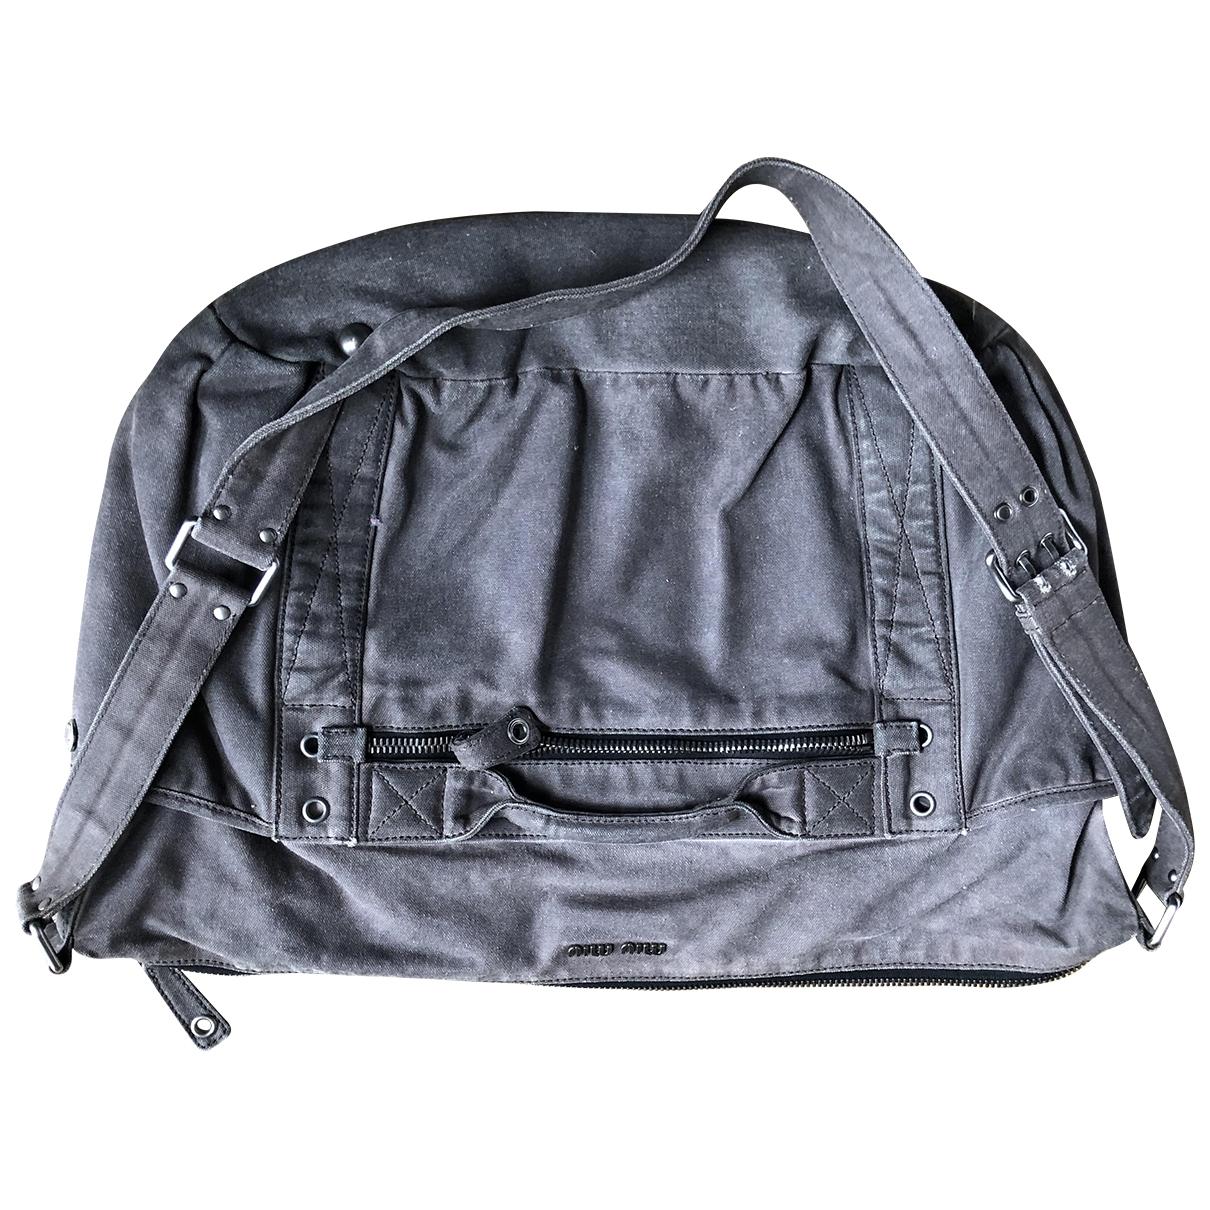 Miu Miu \N Green Denim - Jeans handbag for Women \N